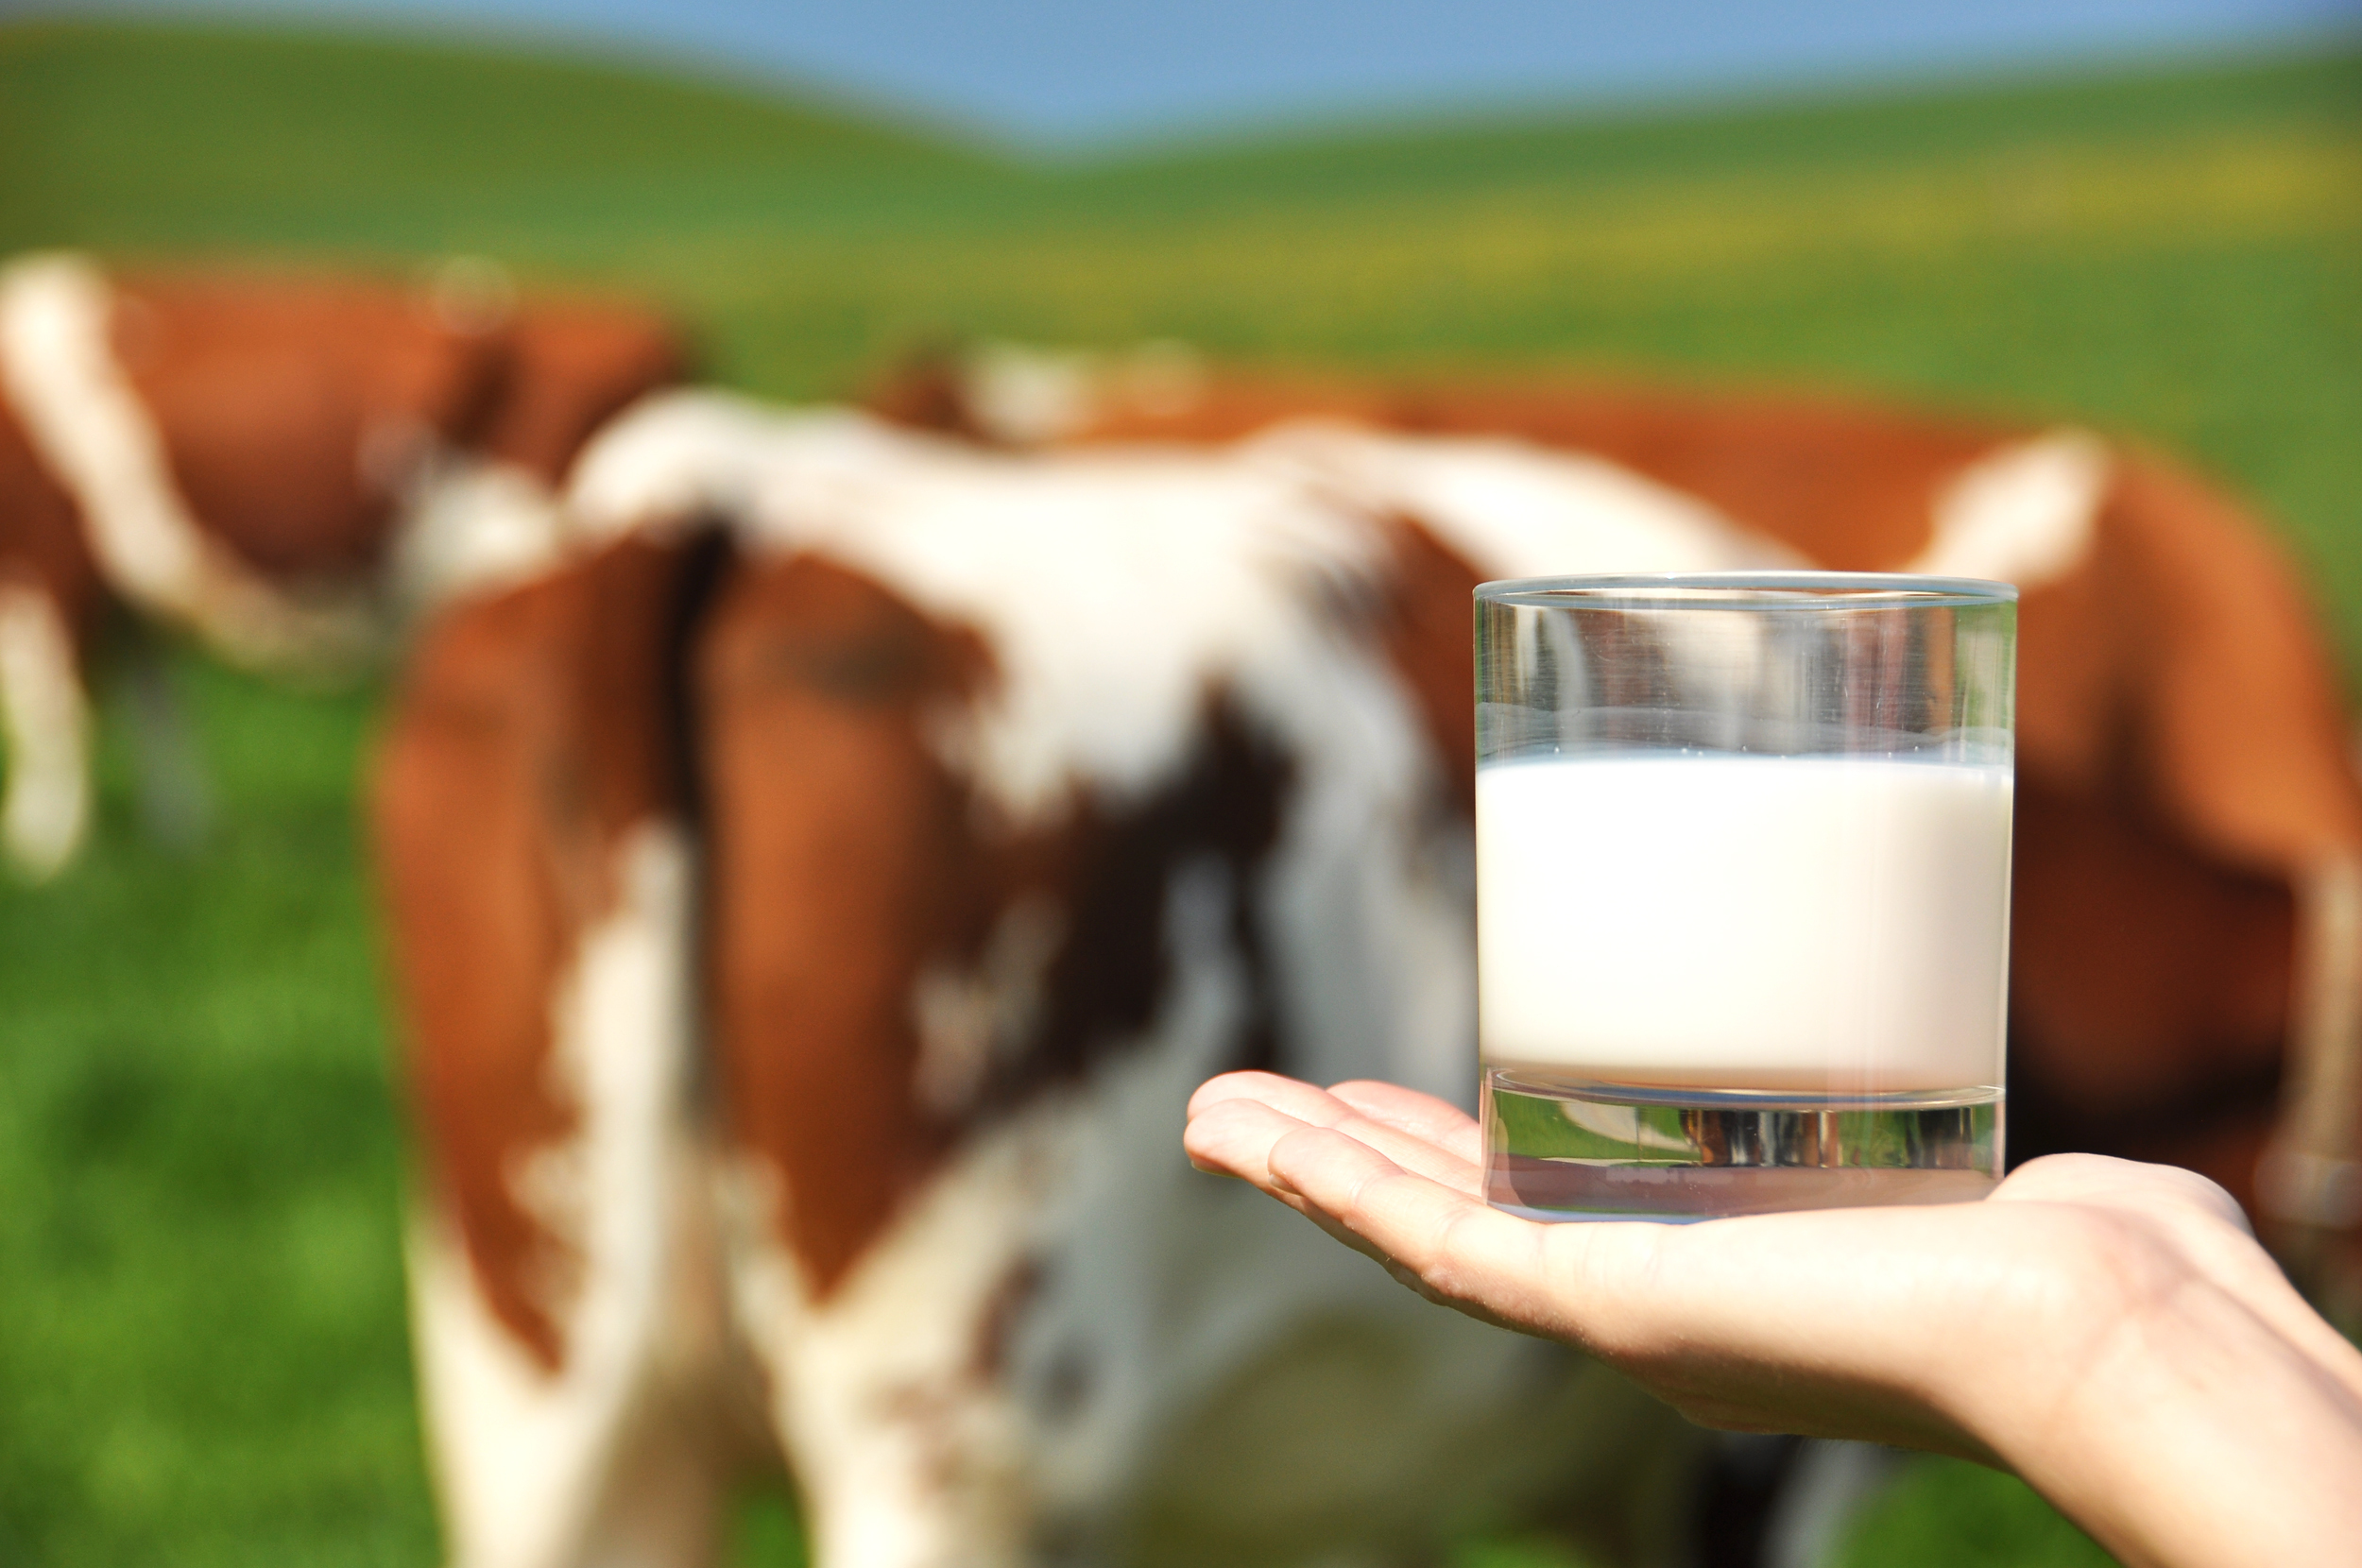 Det kan gå att jämna ut blodsockerkurvan genom att dricka mjölk.